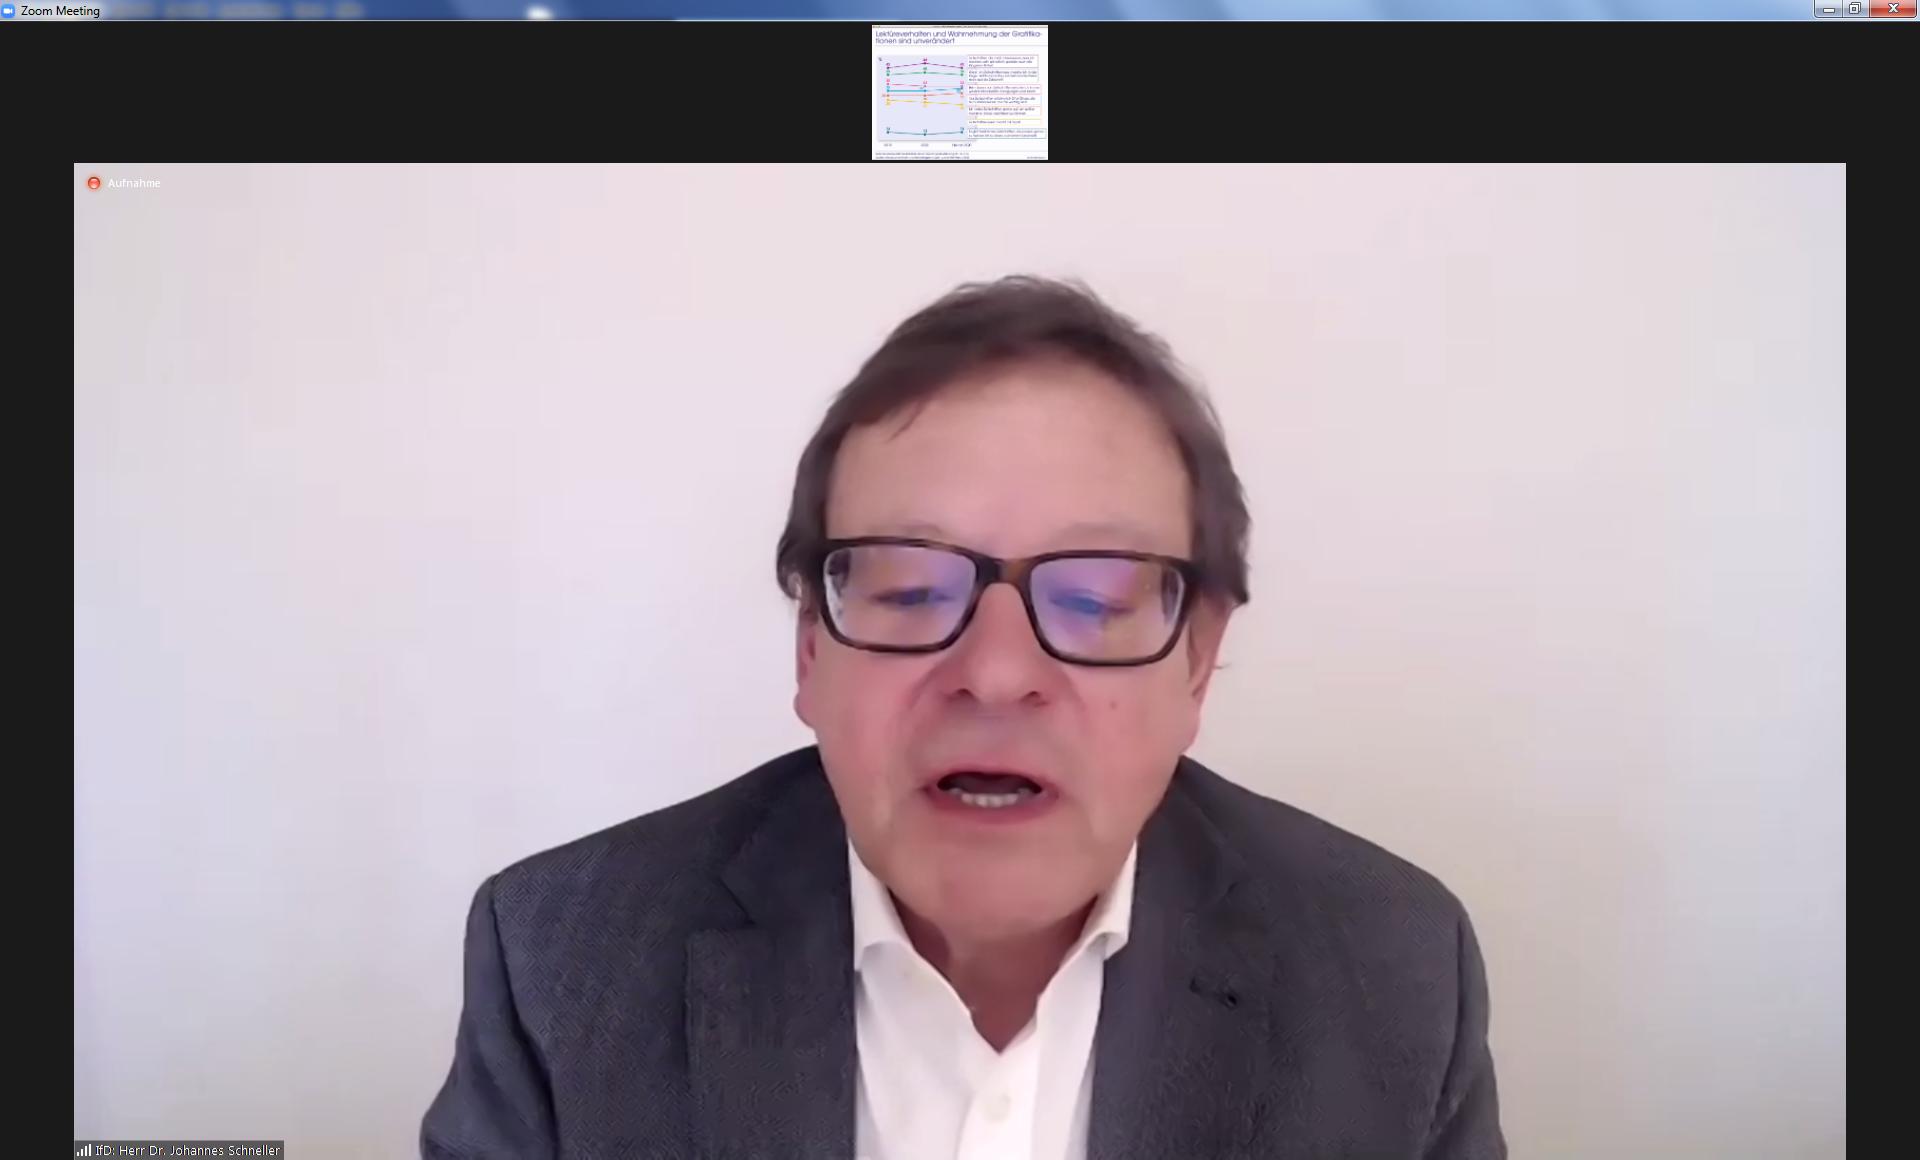 Allensbach-Forscher Johannes Schneller bei der digitalen Studienpräsentation